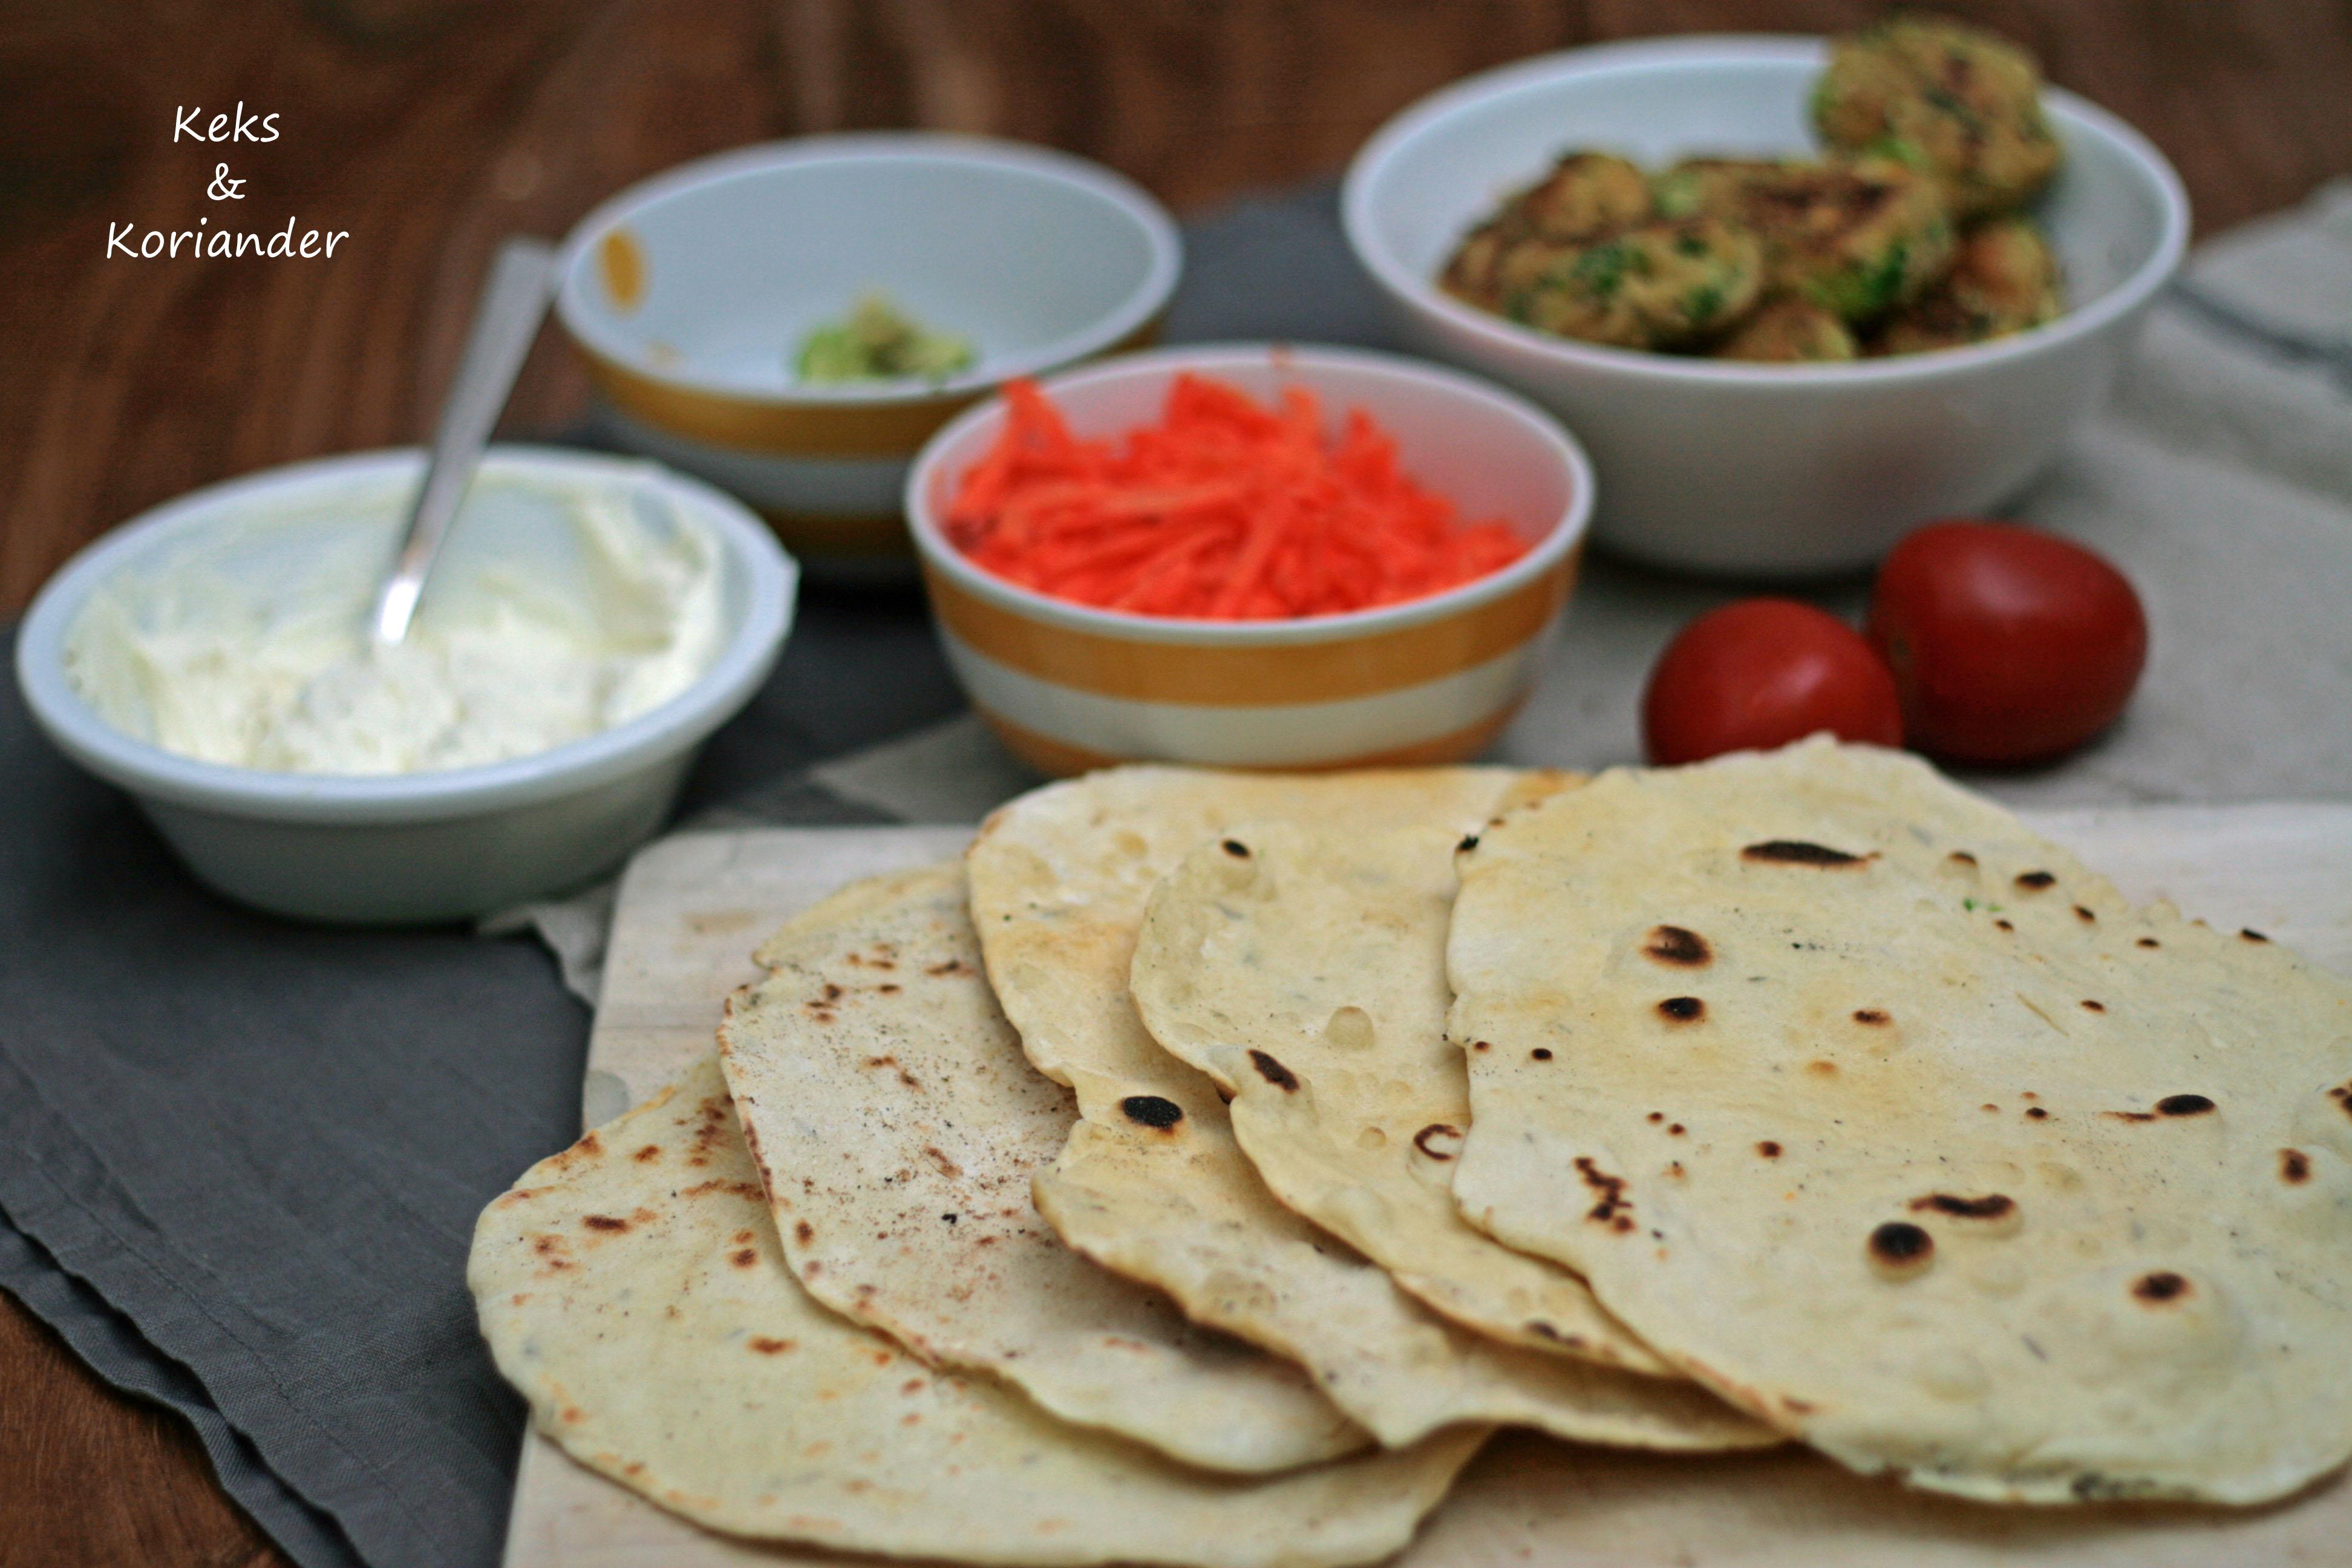 Wraps mit Falafel, Spinat, Karotte, zum Mitnehmen, take away 4